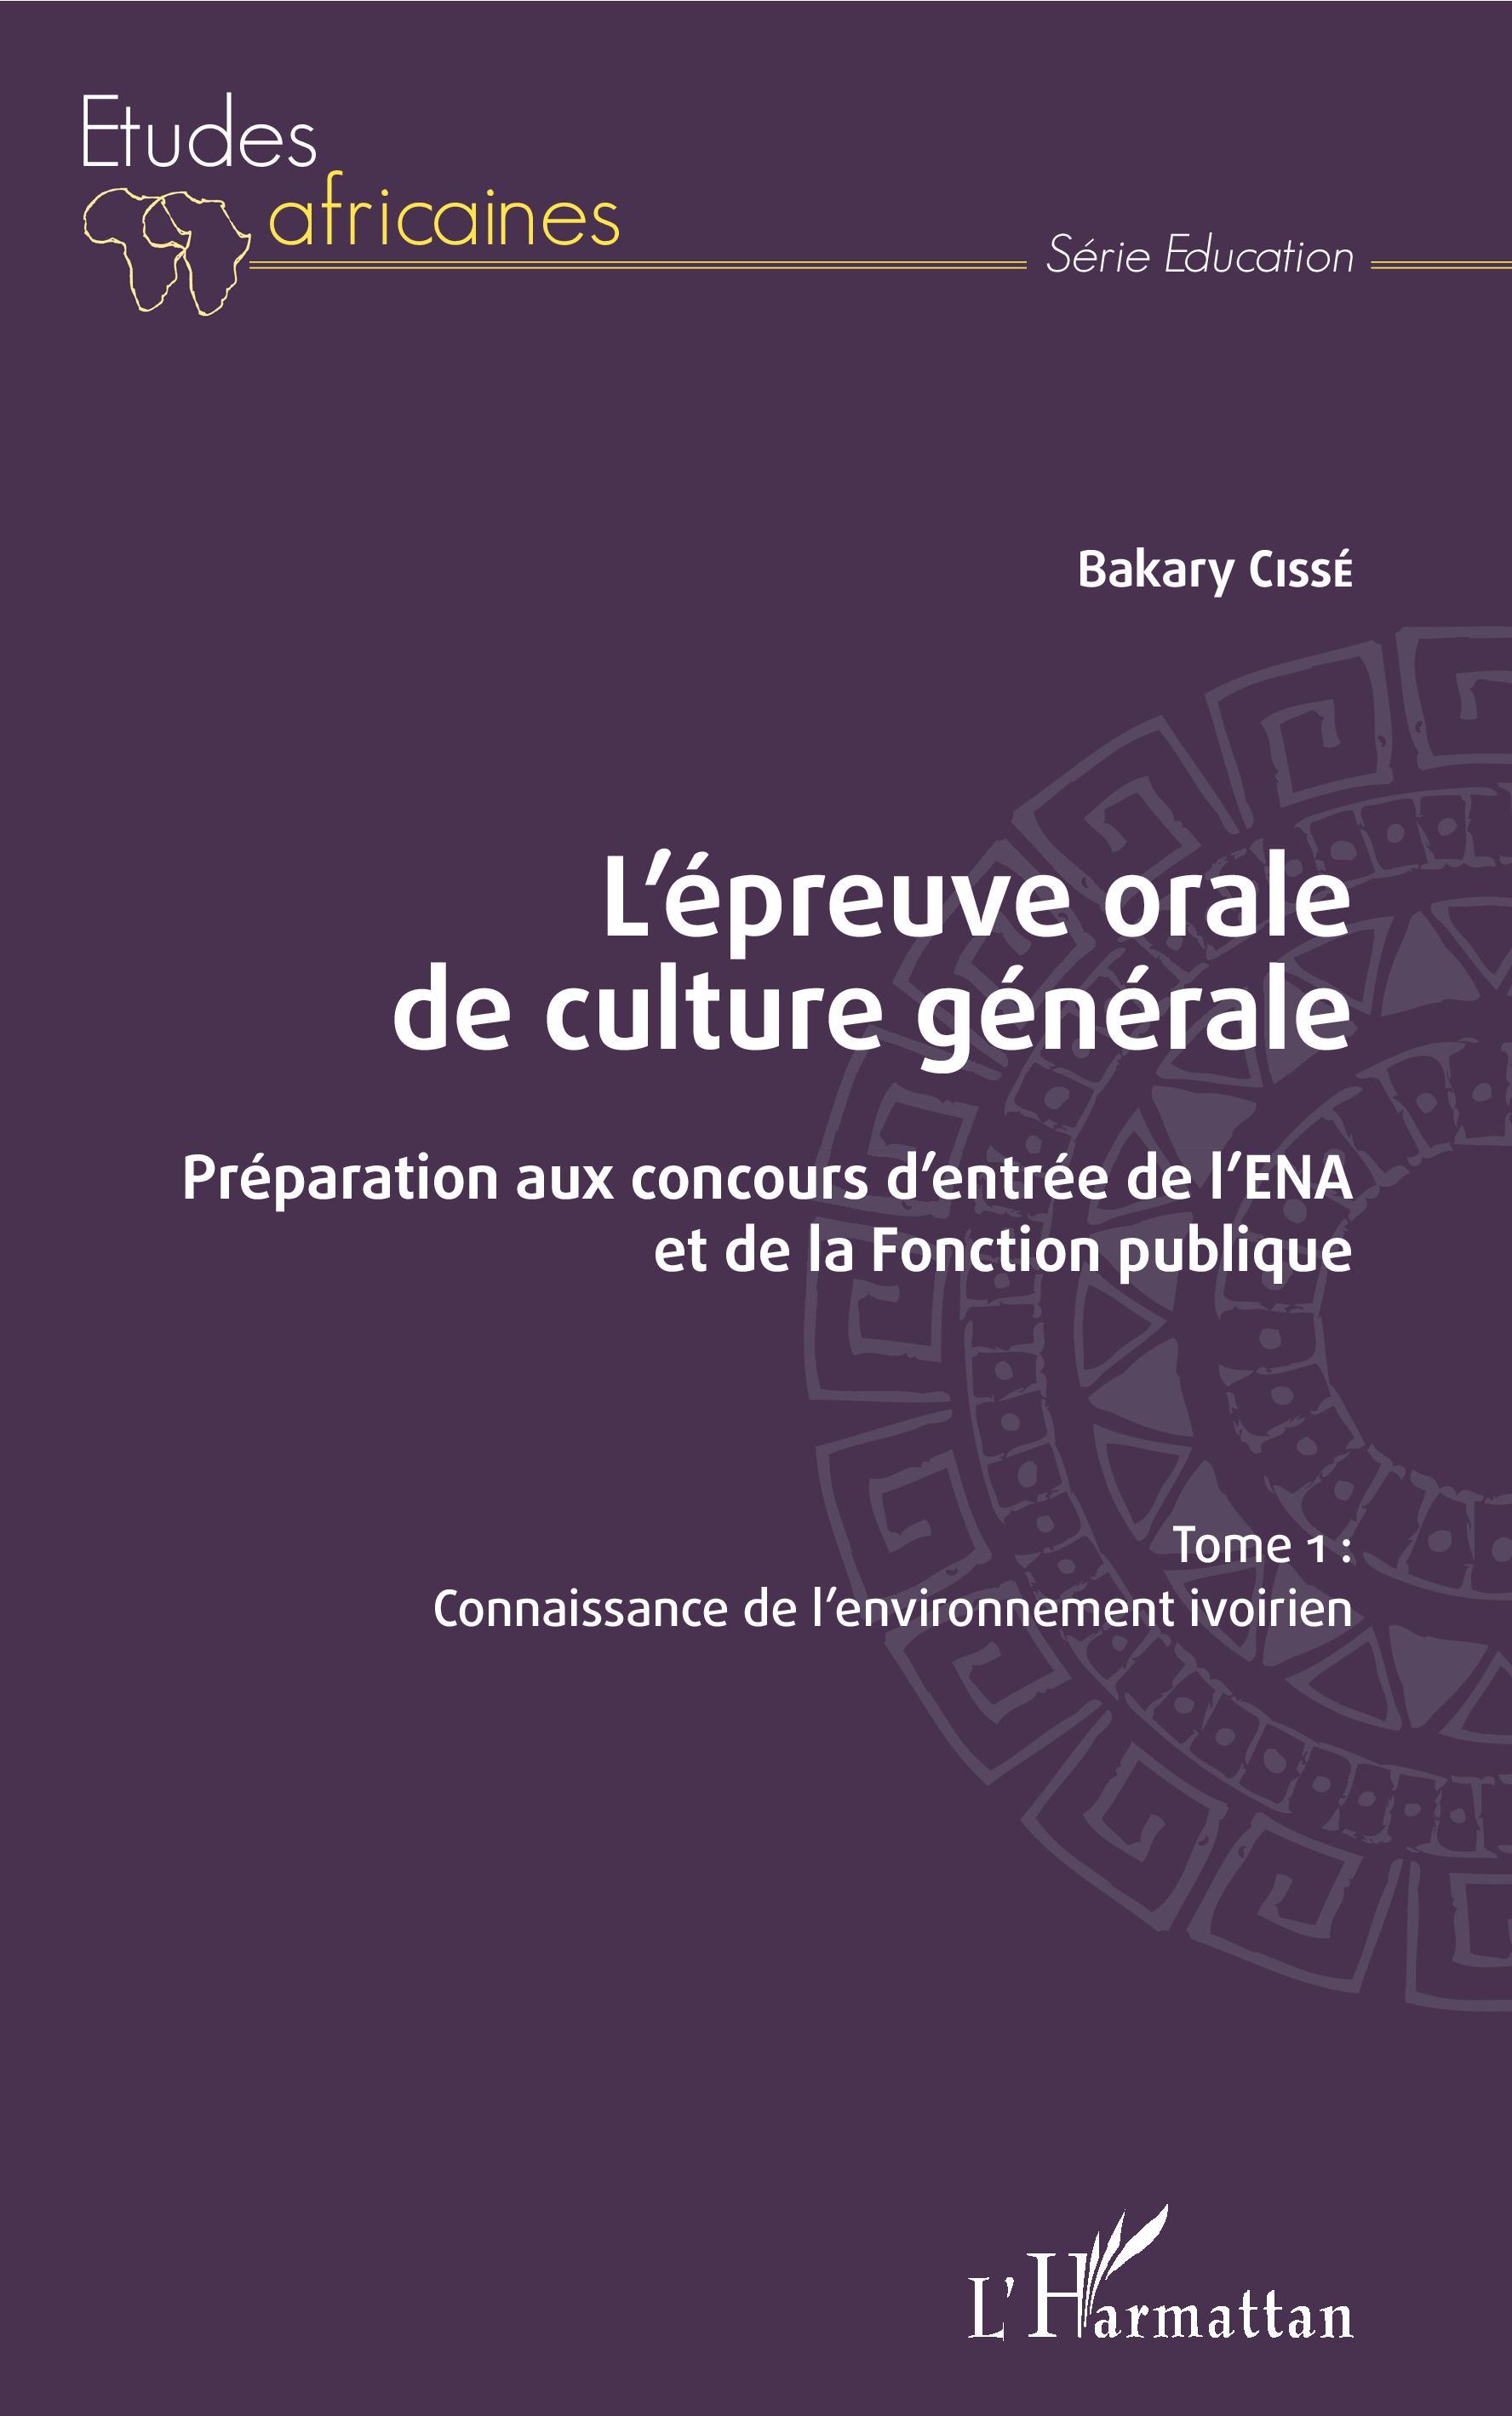 TAFEM GRATUITEMENT PDF ENCG TÉLÉCHARGER 2014